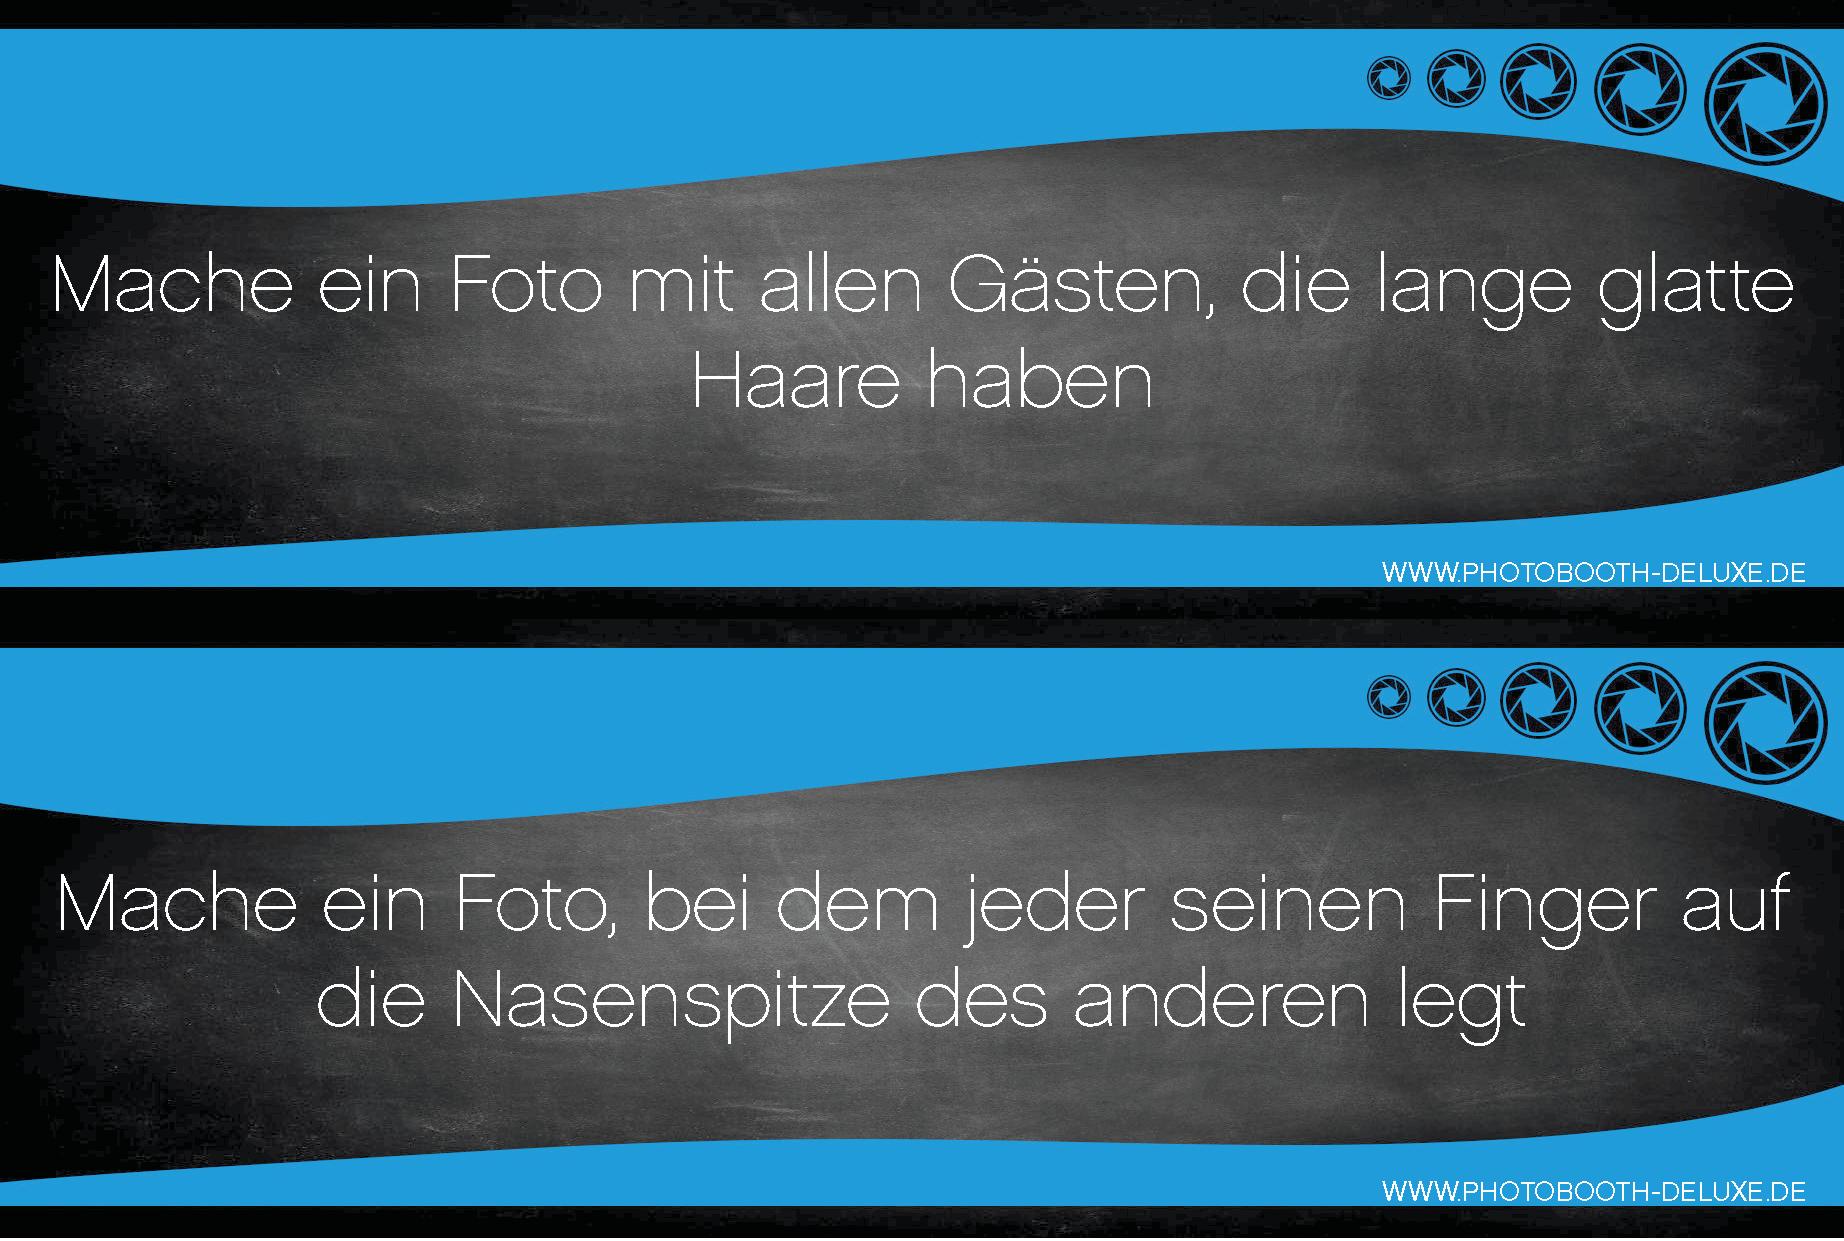 Schiefer_Blau_Seite_015.png